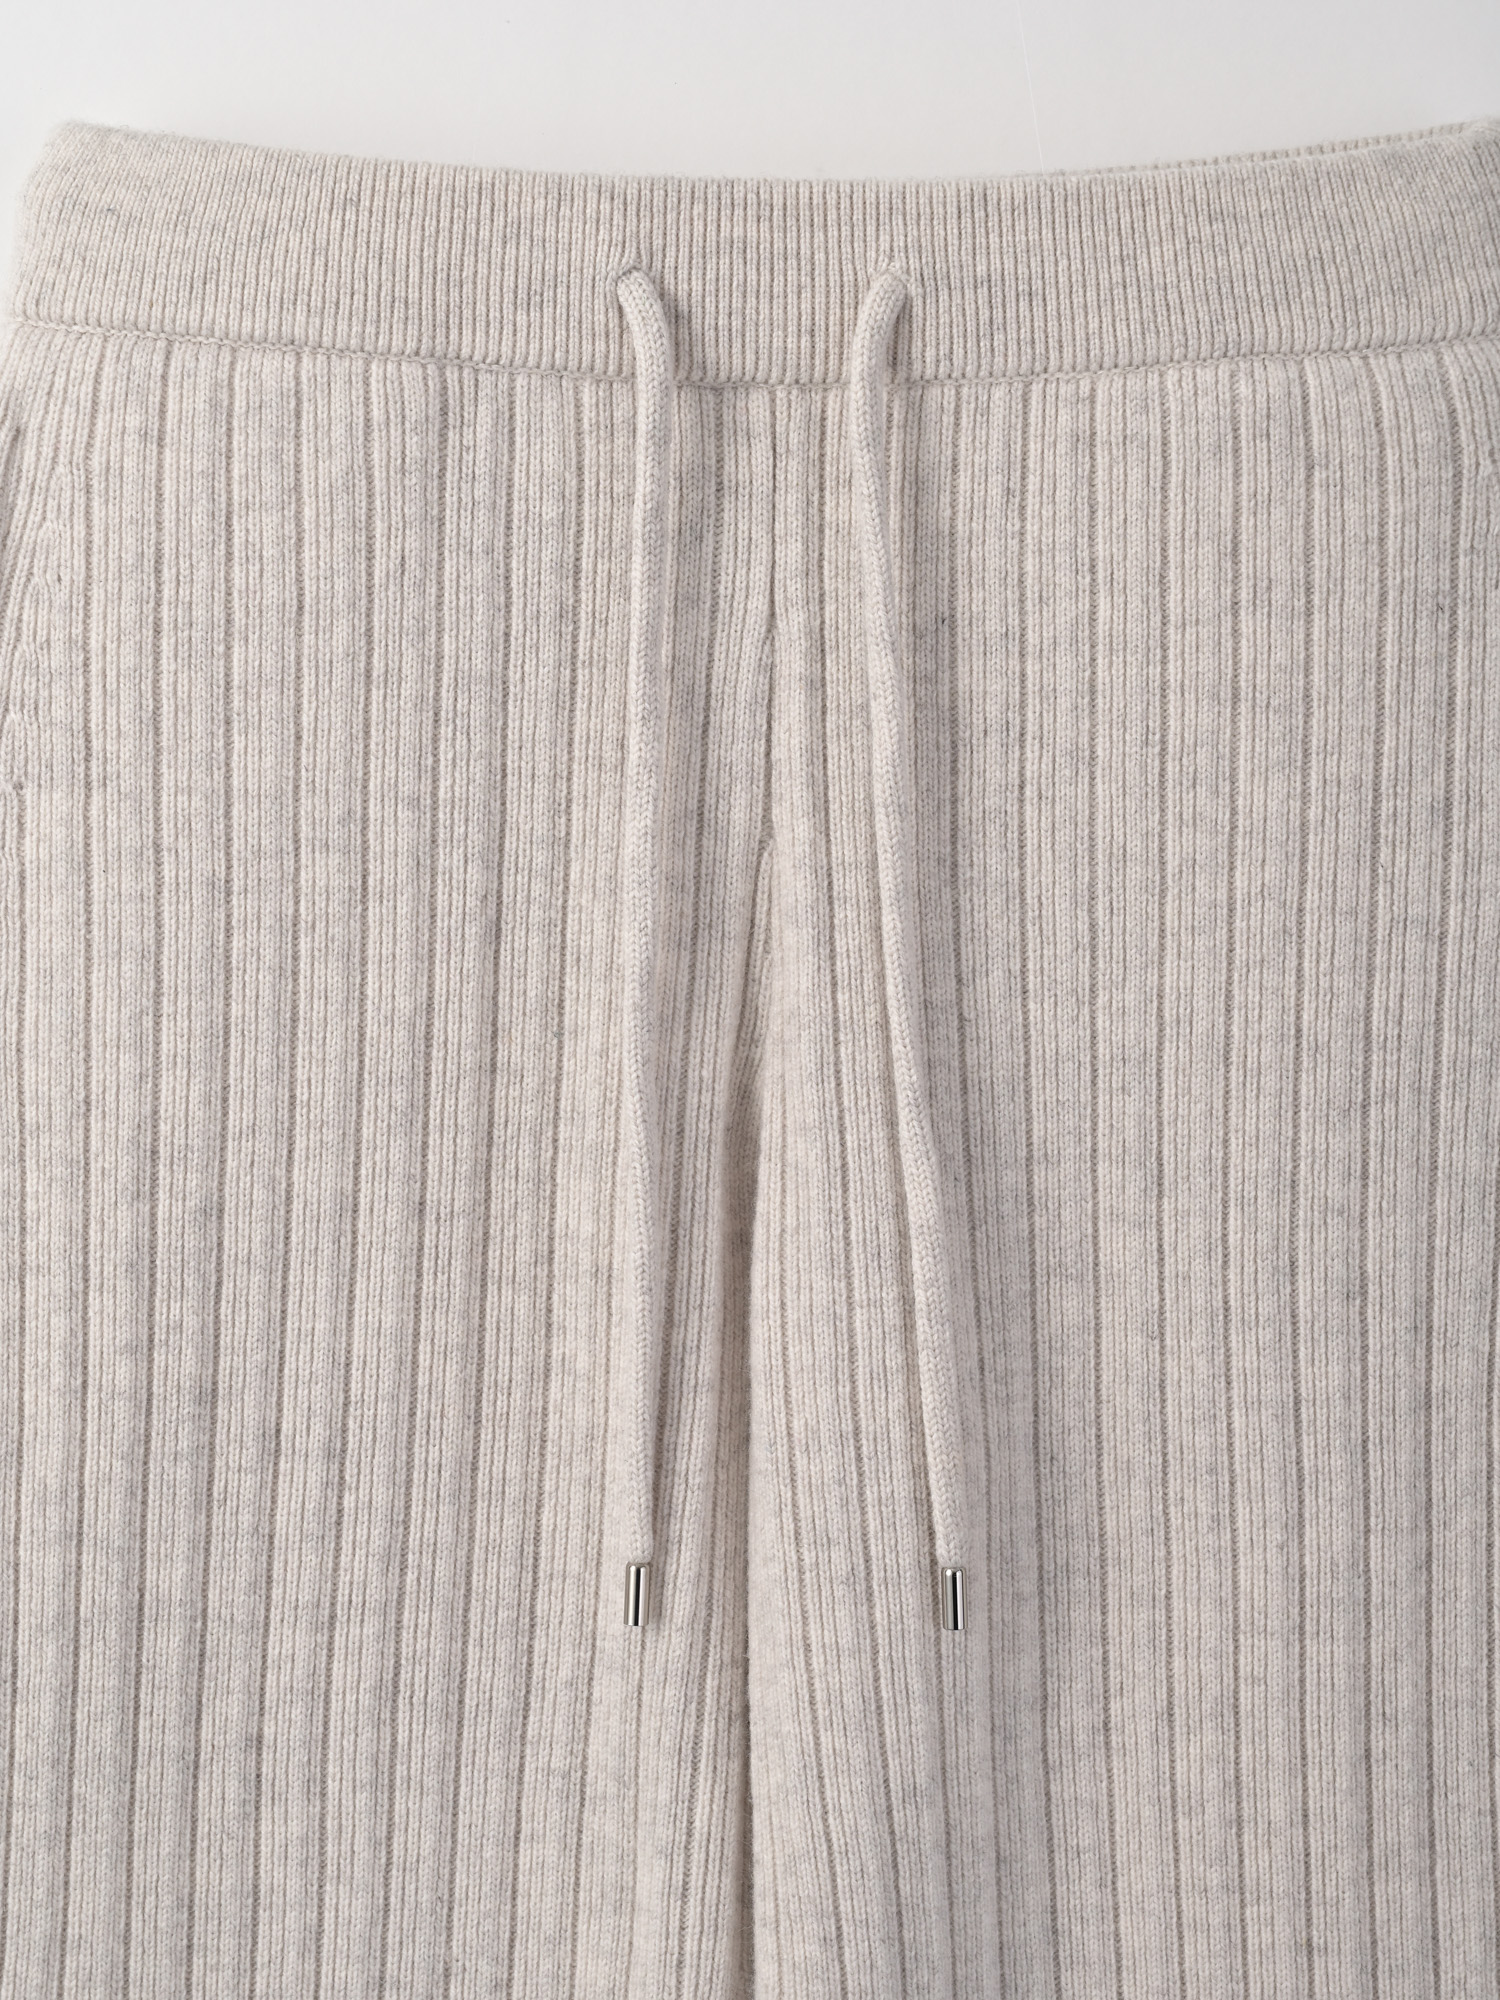 【予約】Accordion pantsのサムネイル5